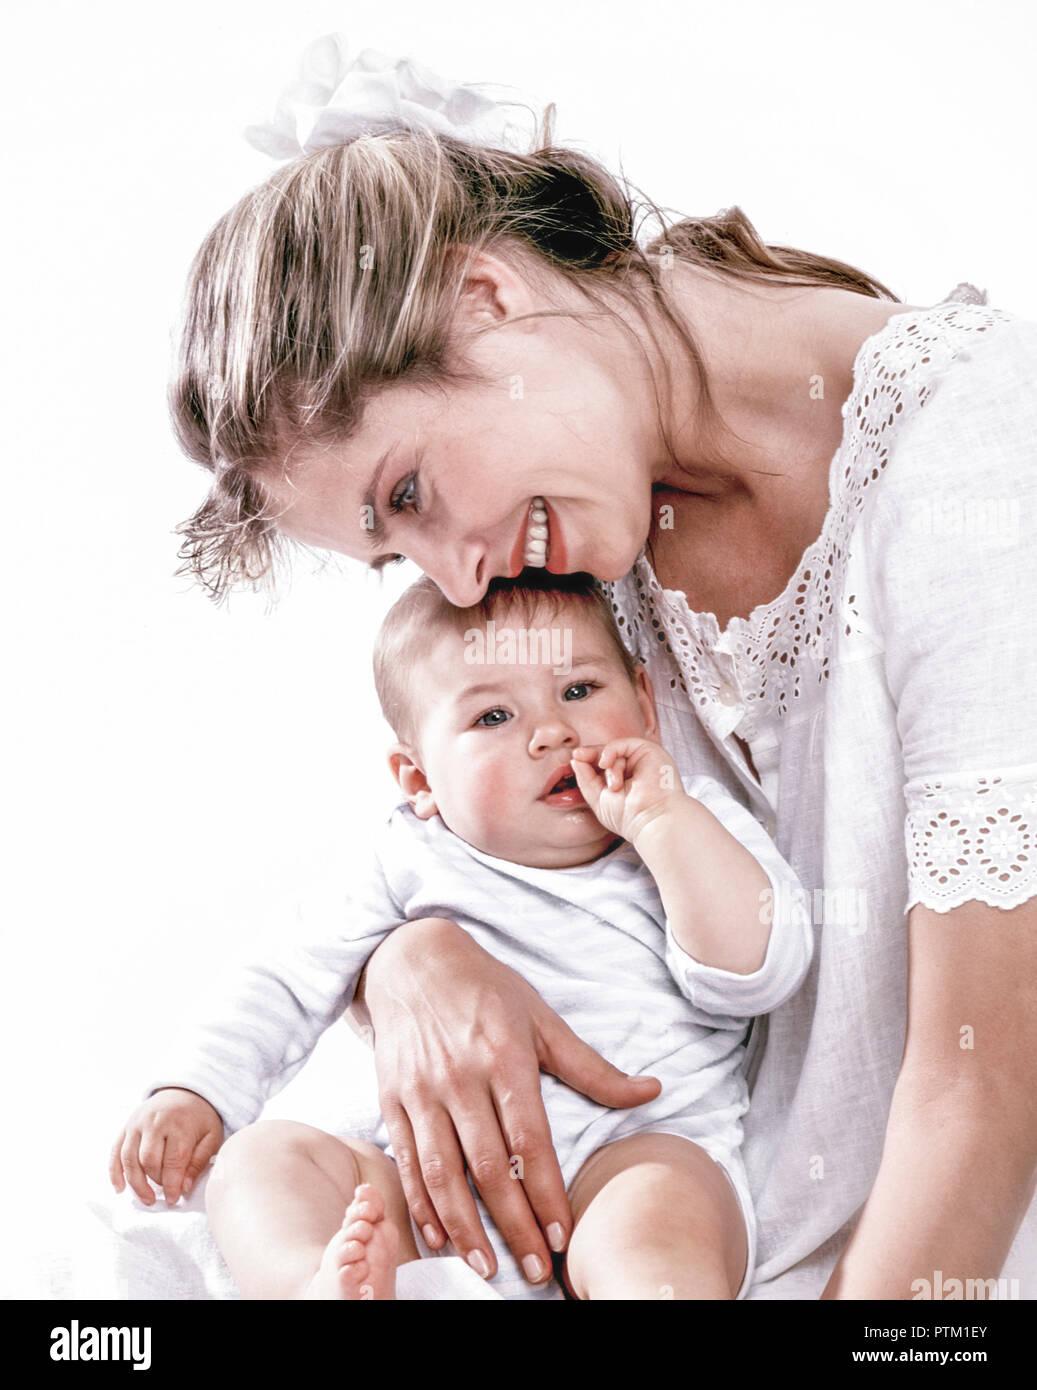 Mutter schmust mit ihrem kleinen Kind, Baby (Modellfreigabe) Stock Photo